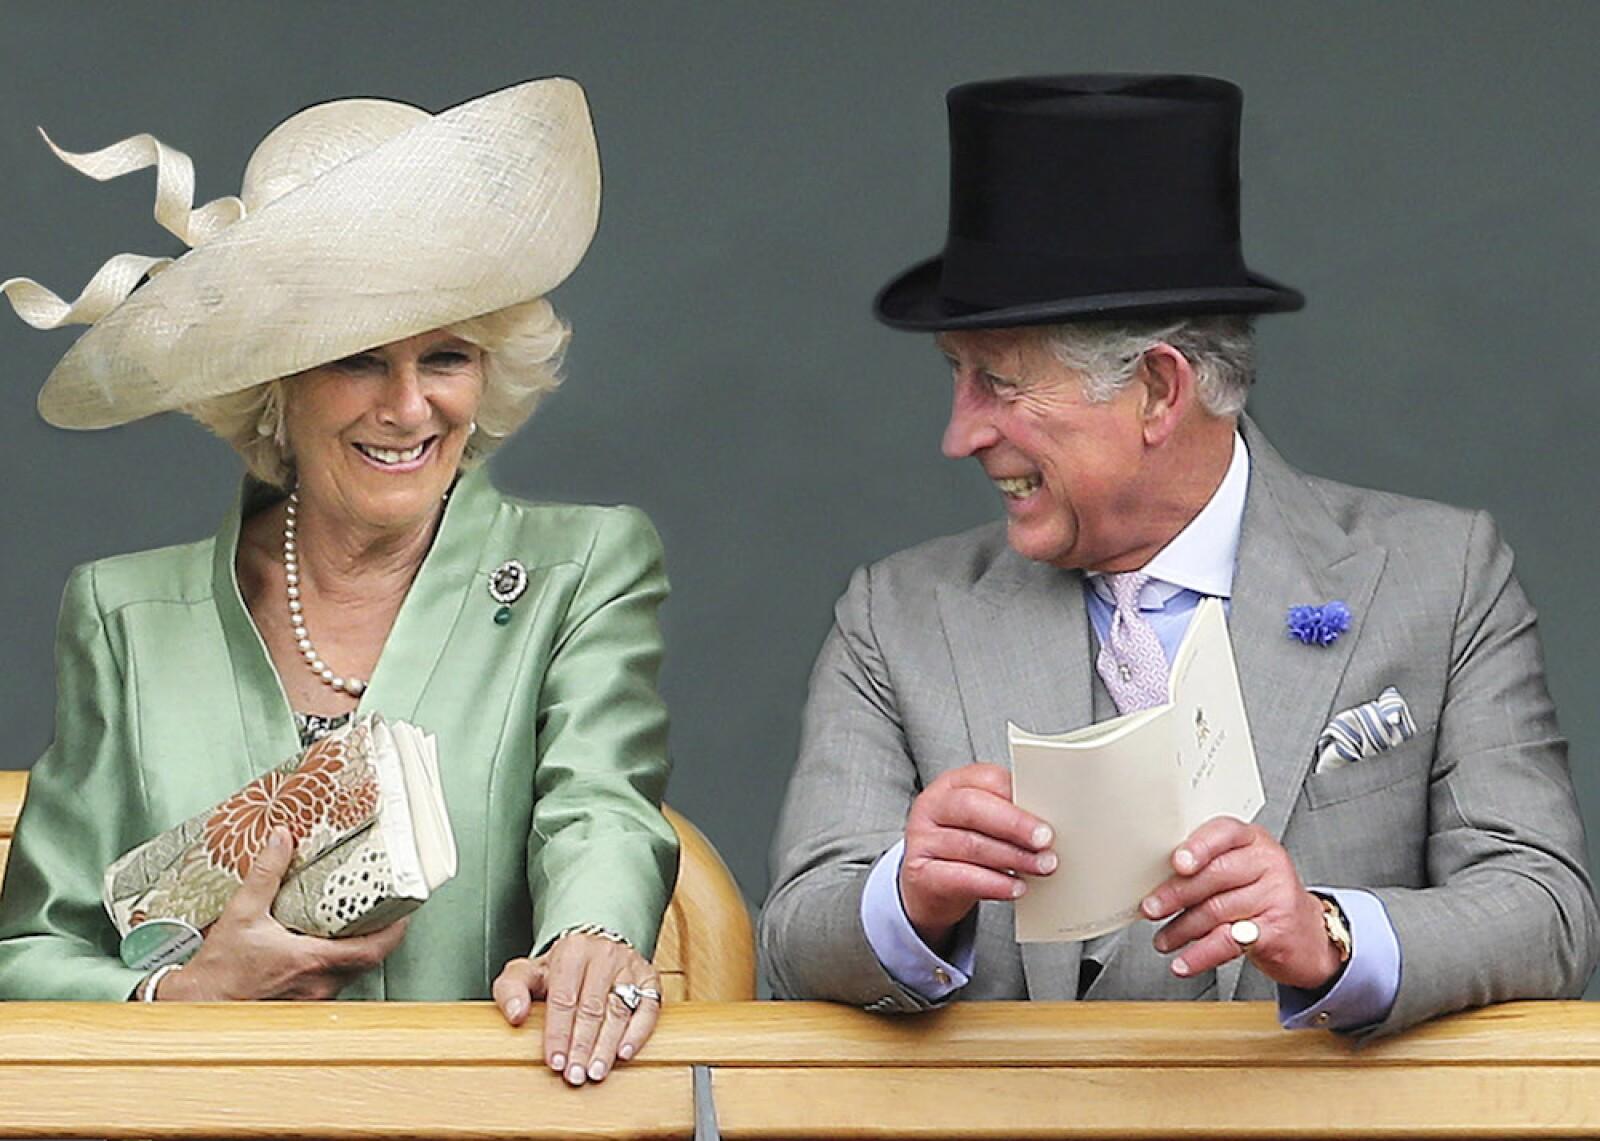 Royal Christmas Card - Prince Charles, Prince of Wales and Camilla, Duchess of Cornwall